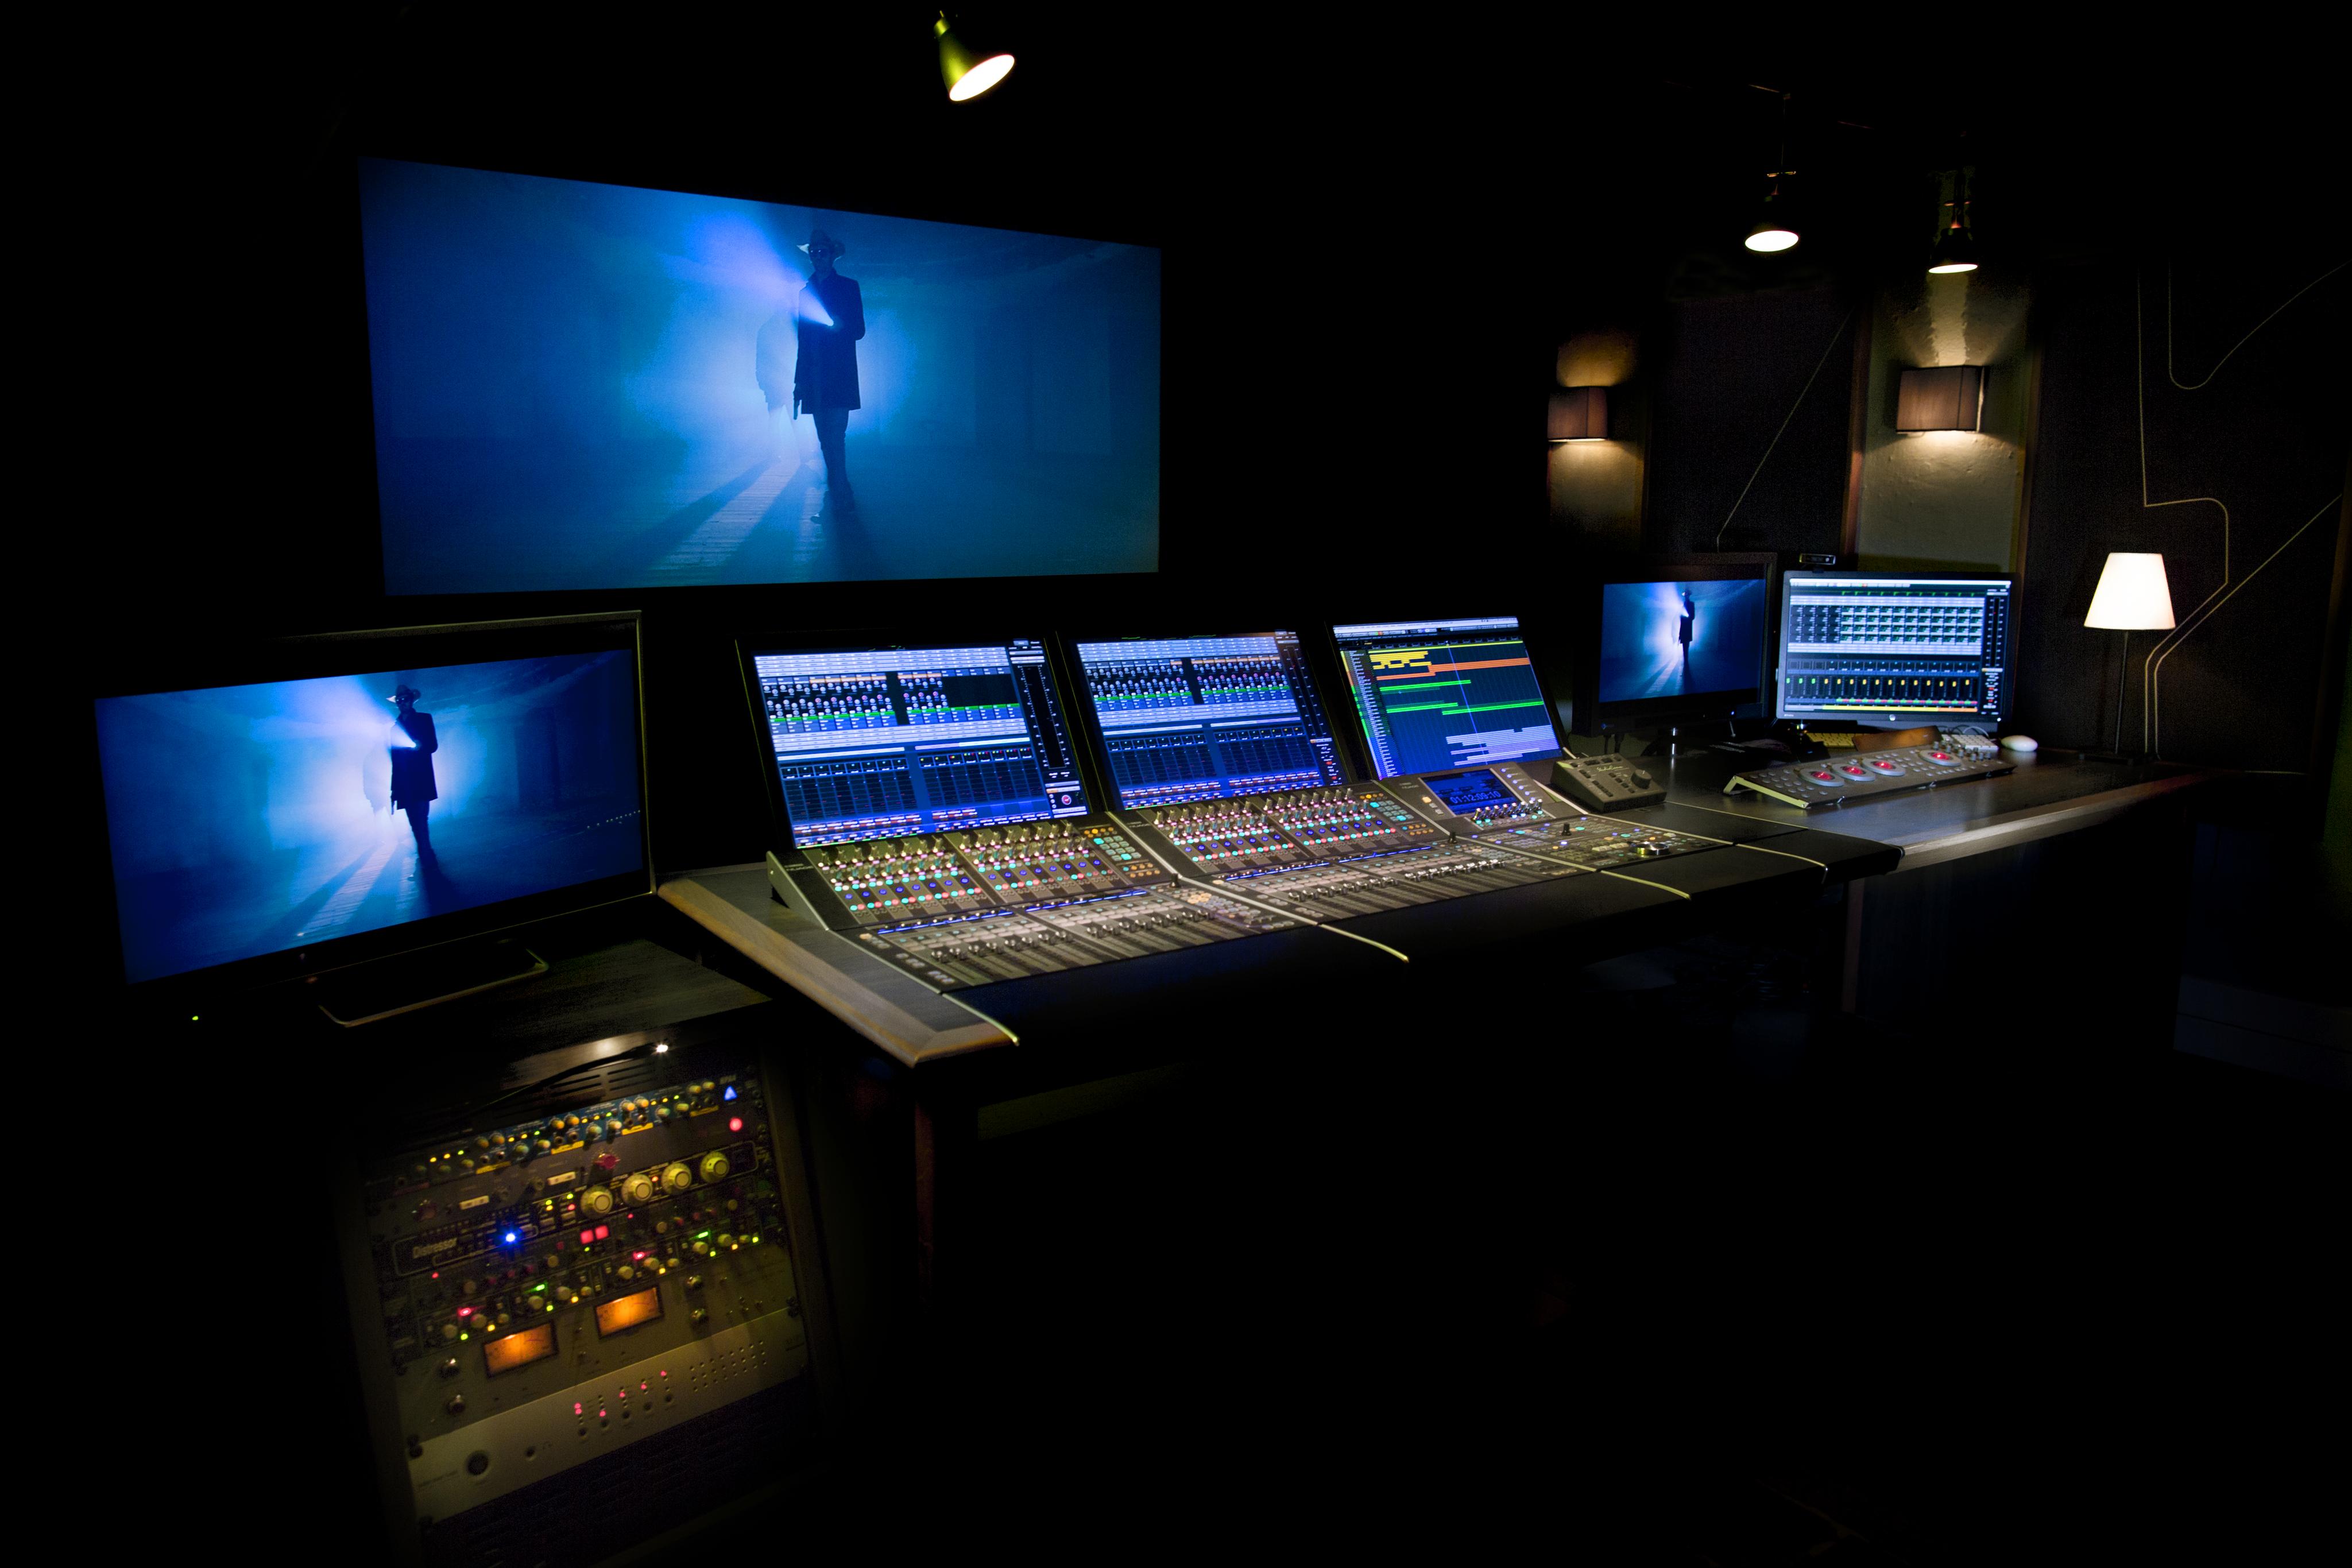 auditorium de mixage cinéma yamaha nuage